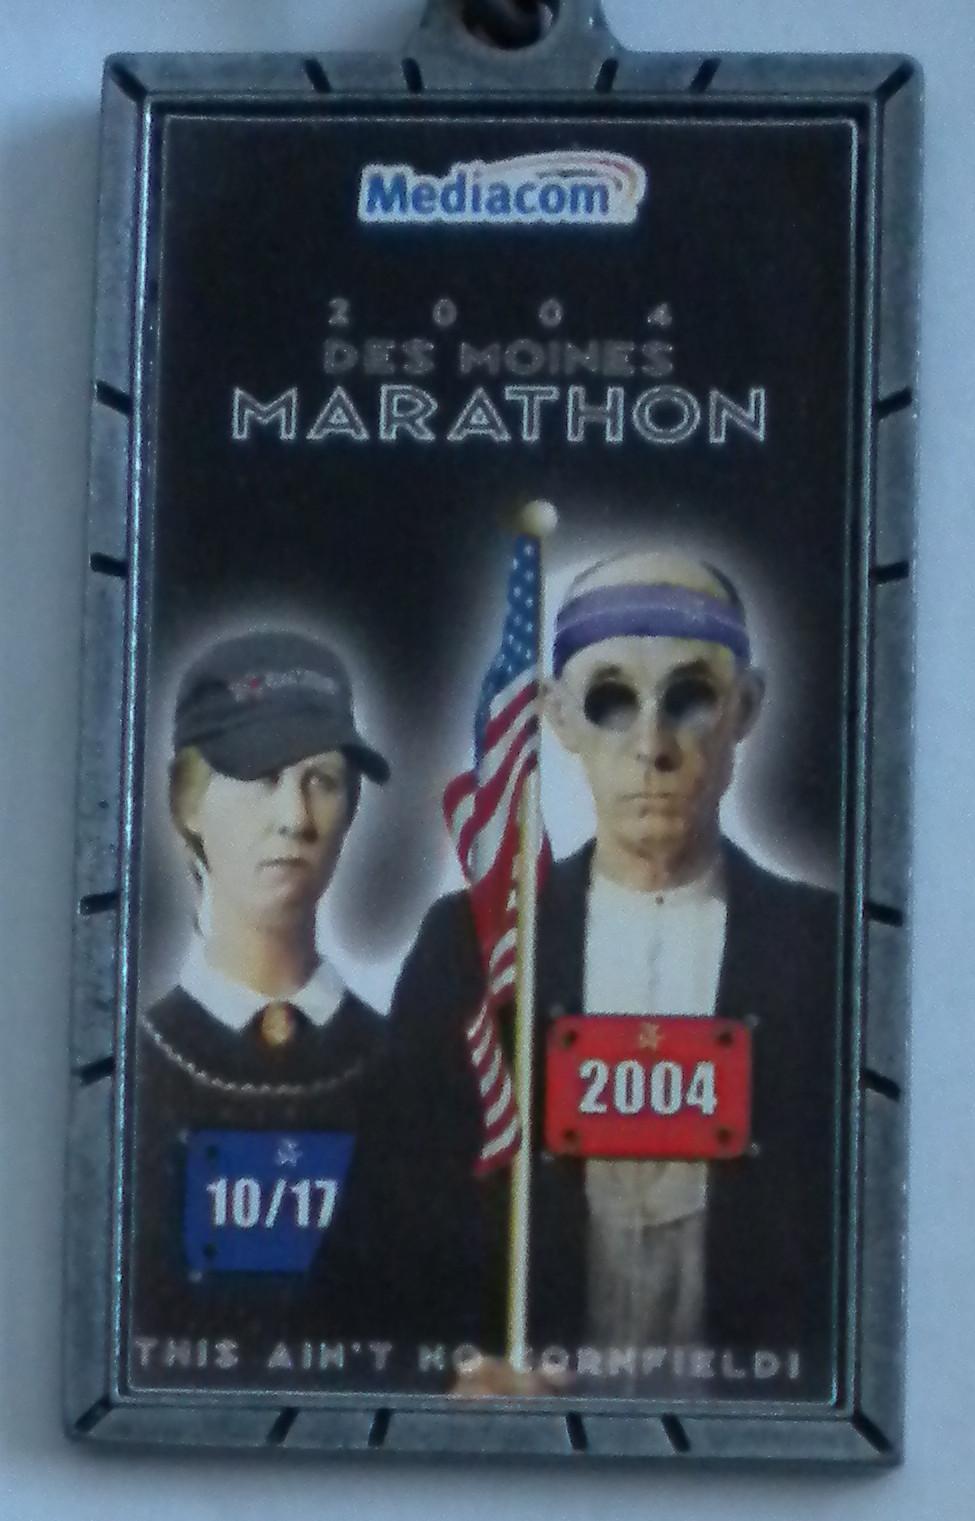 2004 Des Moines Marathon -- This ain't no cornfield.